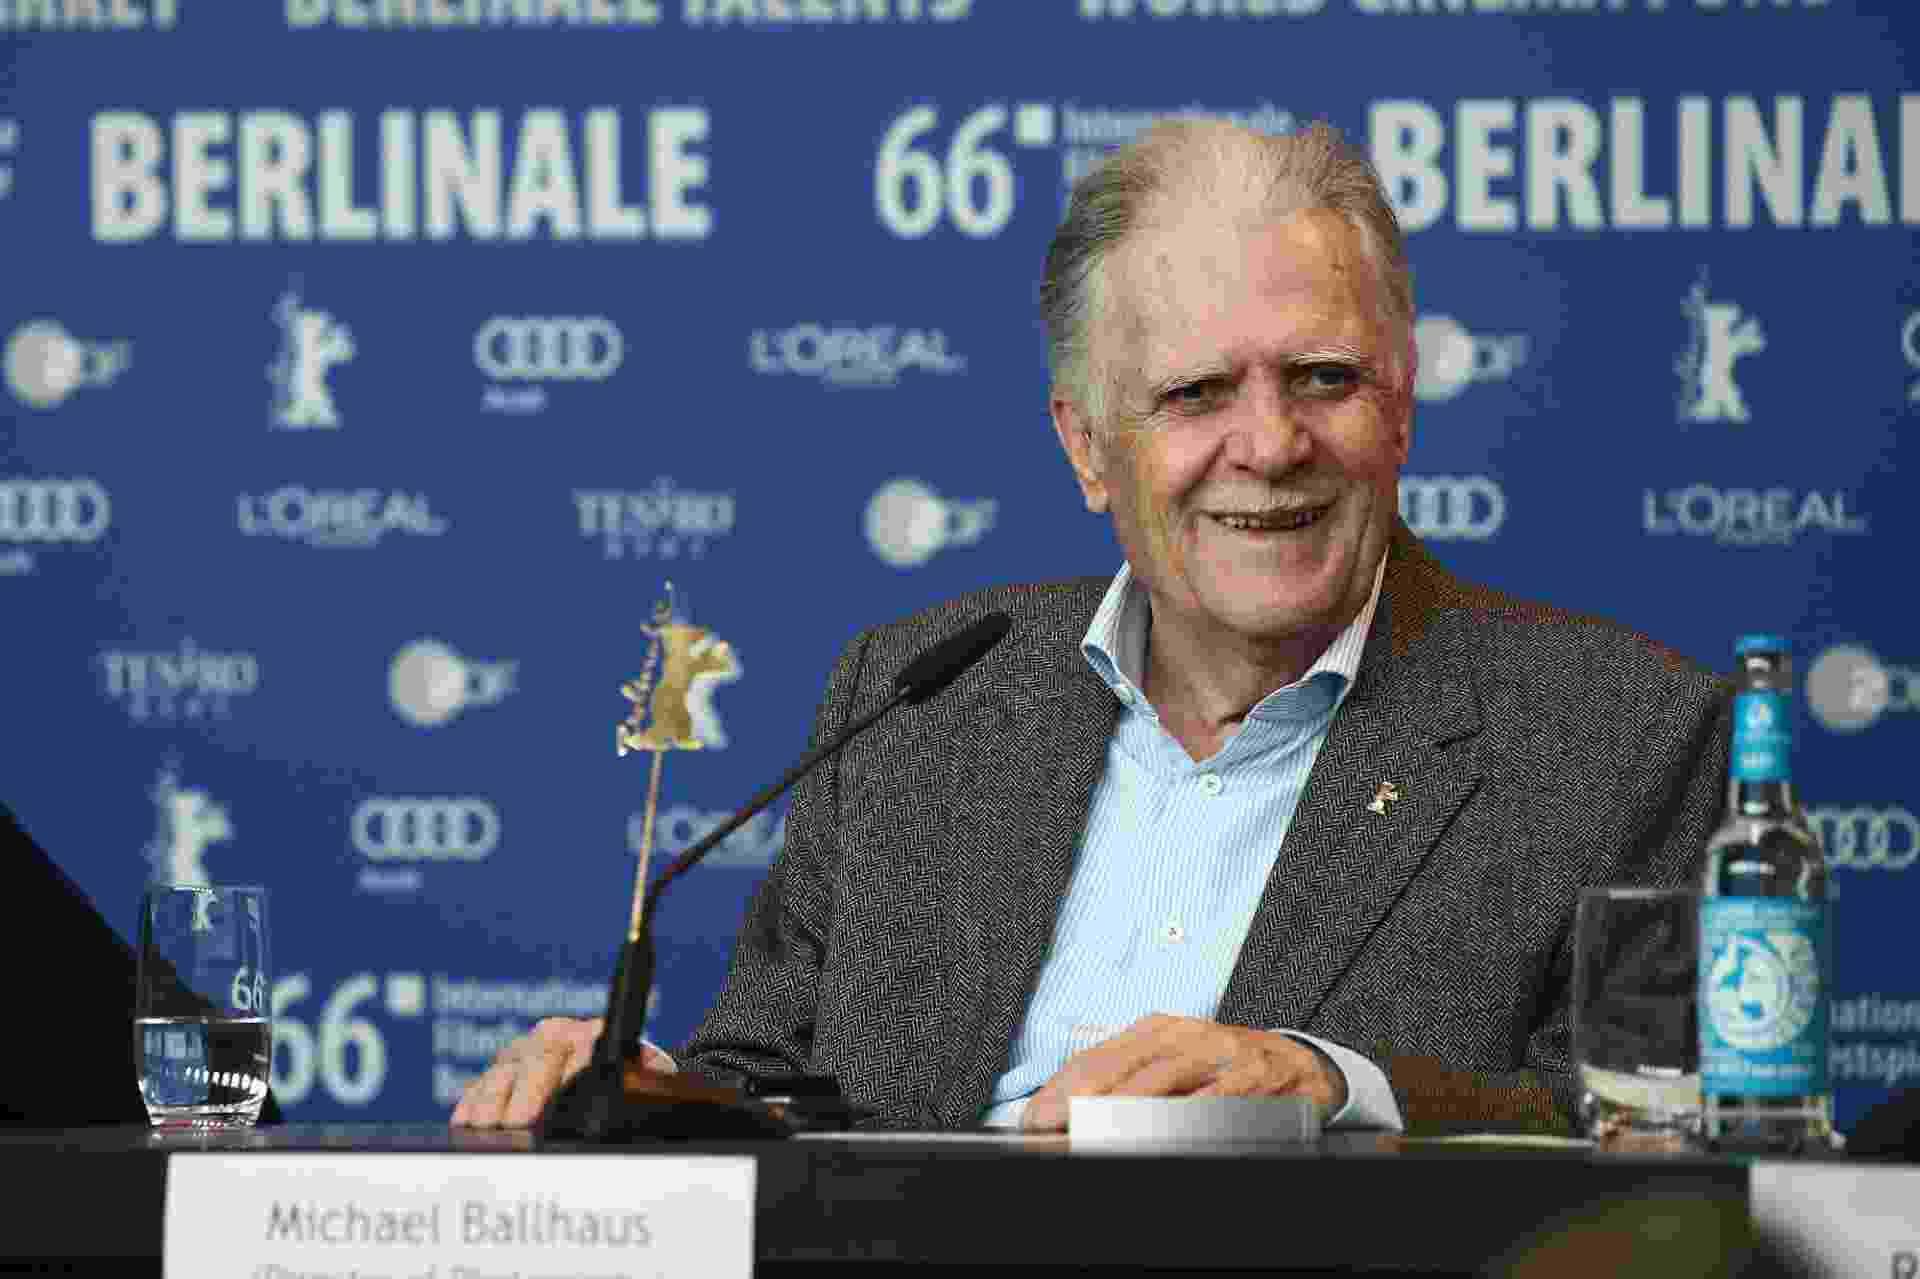 18.fev.2016 - 18.fev.2016 - Michael Ballhaus participa de coletiva de imprensa no Festival de Berlim. O diretor de fotografia alemão de 80 anos receberá um Urso de Ouro honorário em reconhecimento à sua carreira e contribuição para o cinema - Andreas Rentz/Getty Images